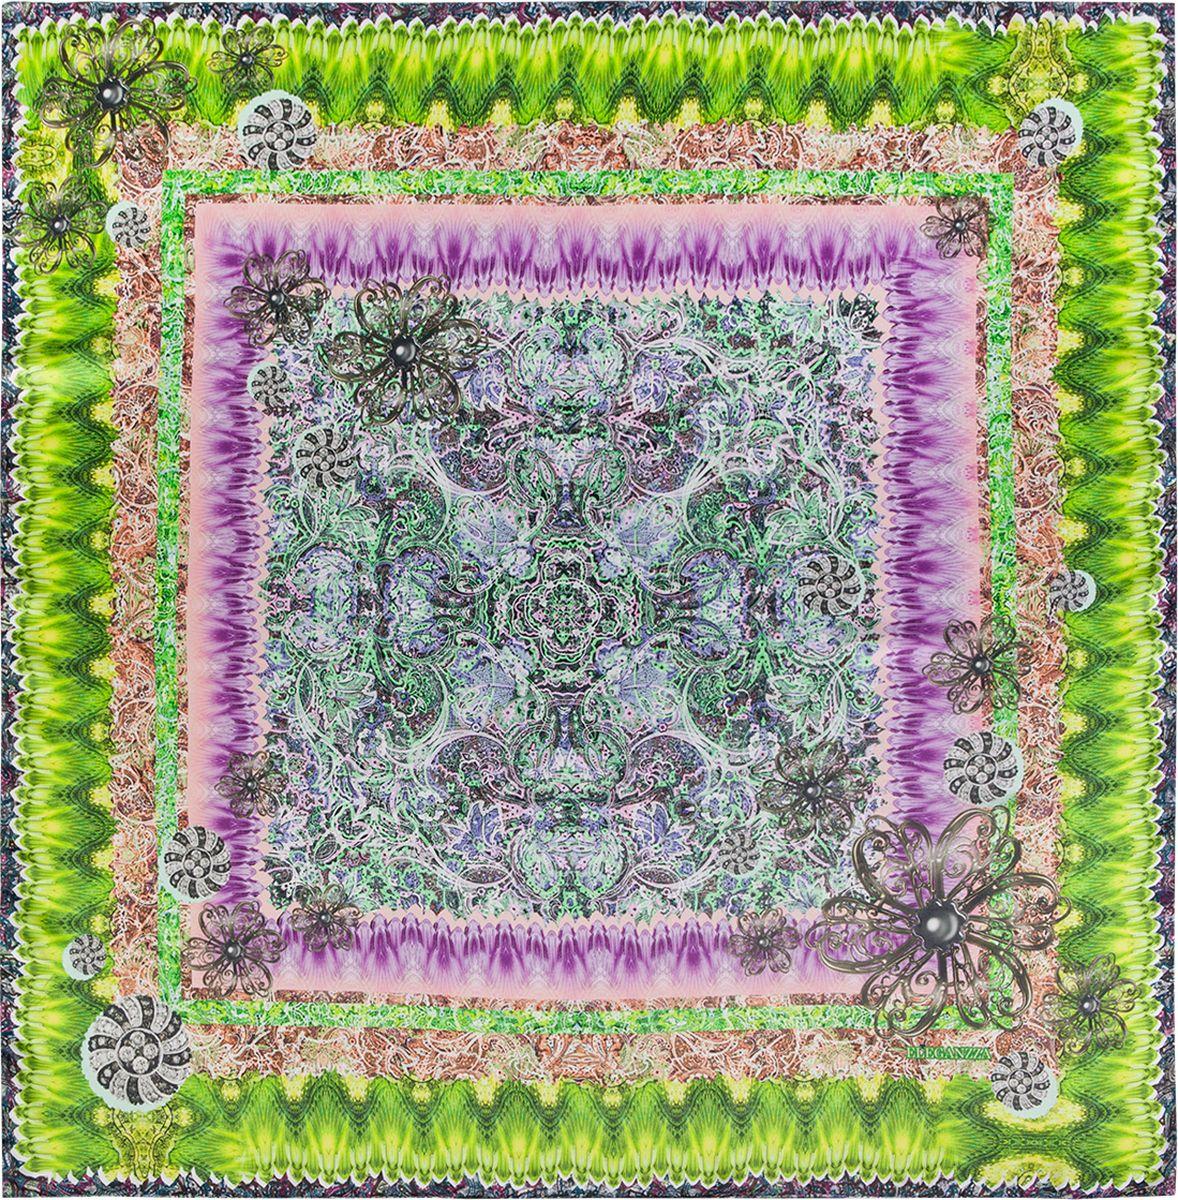 Платок женский Eleganzza, цвет: салатовый, фиолетовый. KA03-8113. Размер 90 см х 90 смKA03-8113Платок Eleganzza, выполненный из шелка, идеально дополнит образ современной женщины. Модель оформлена принтом. Классическая квадратная форма позволяет носить платок на шее, украшать им прическу или декорировать сумочку. С таким замечательным аксессуаром вы всегда будете выглядеть женственно и привлекательно.